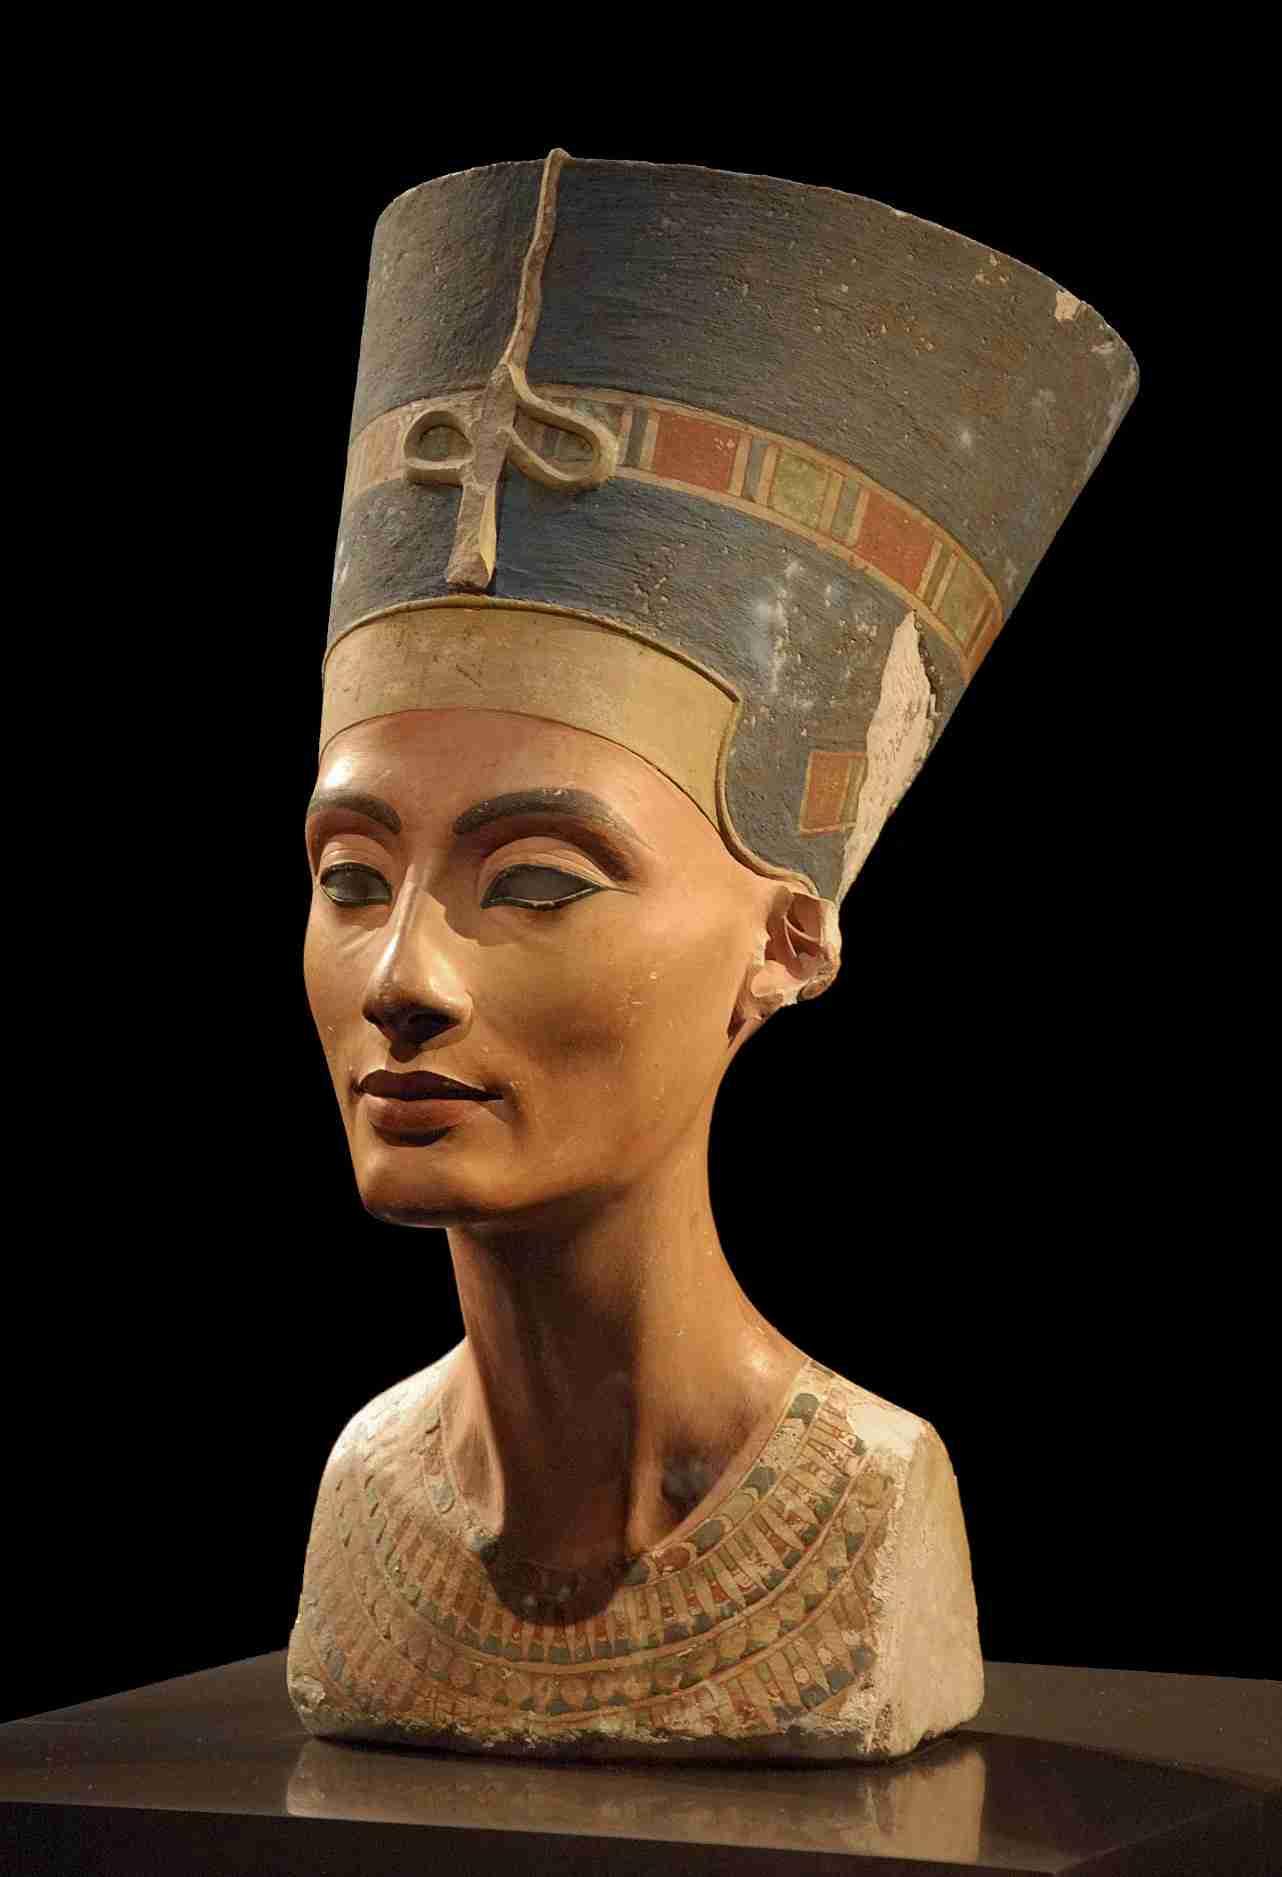 ネフェルティティの胸像 - Wikipedia